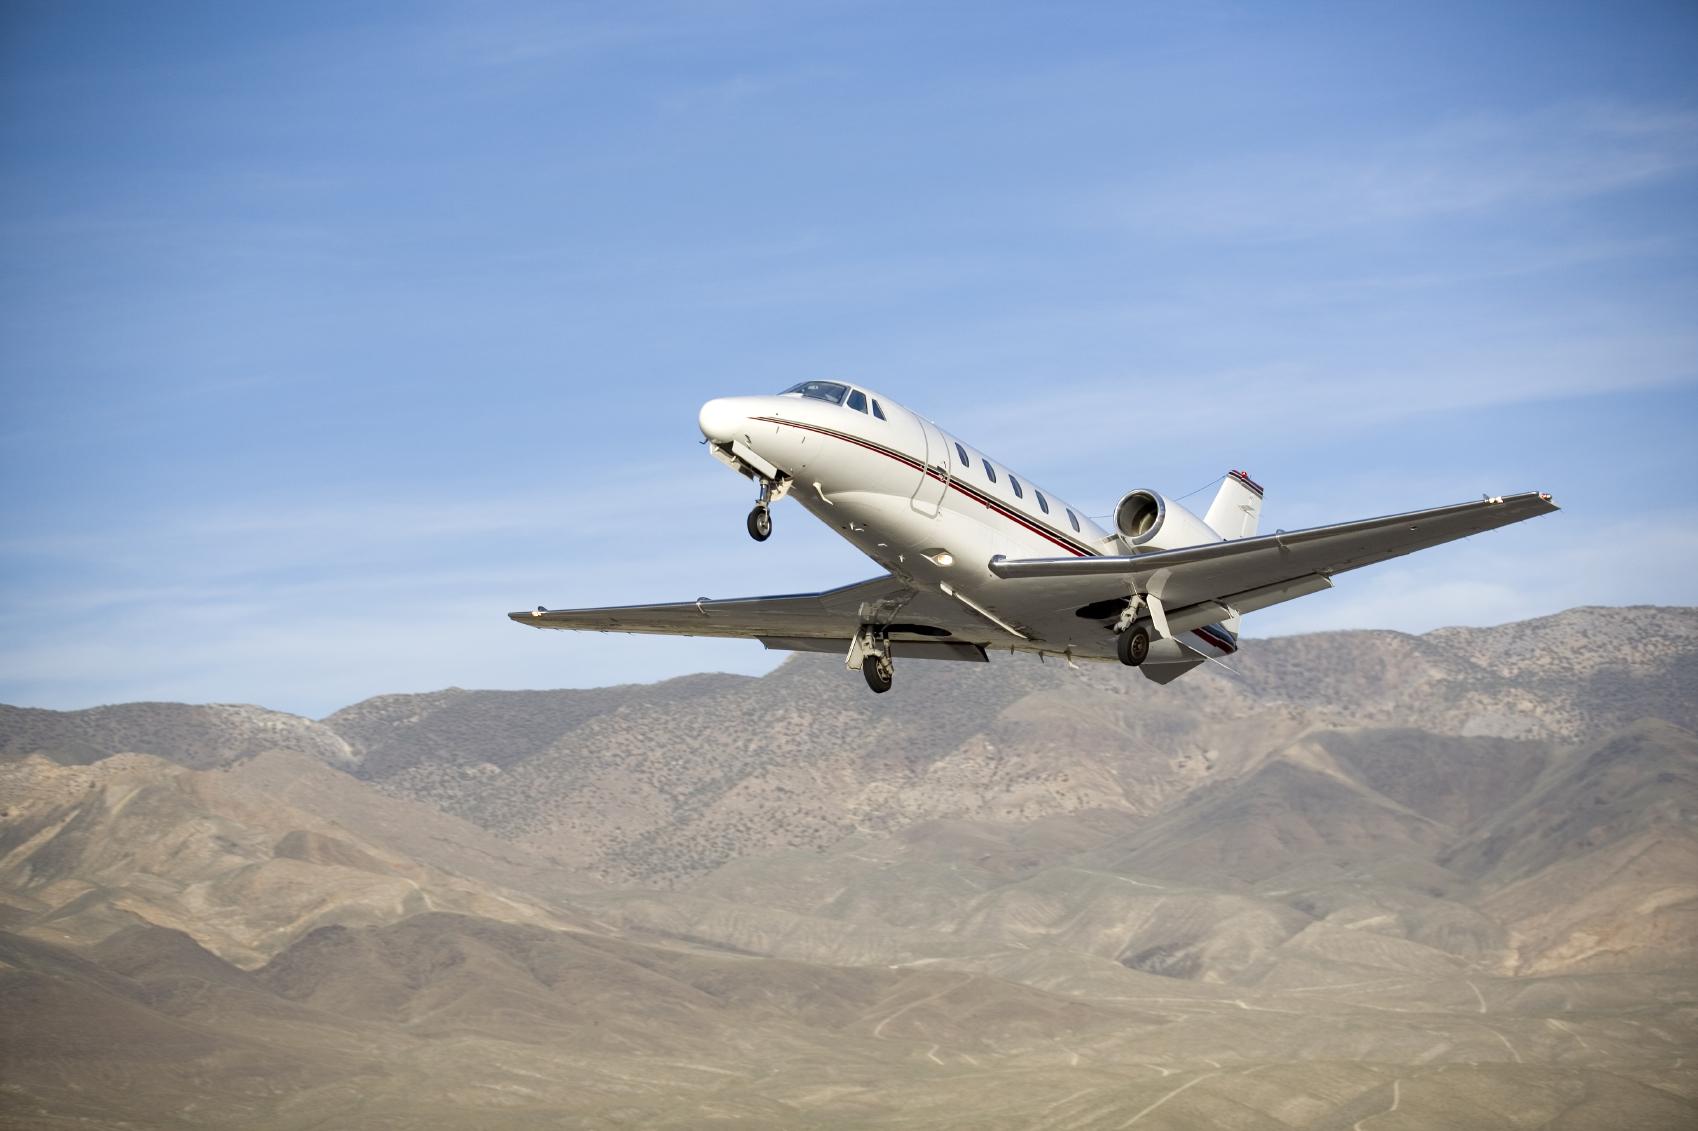 Jet stock options